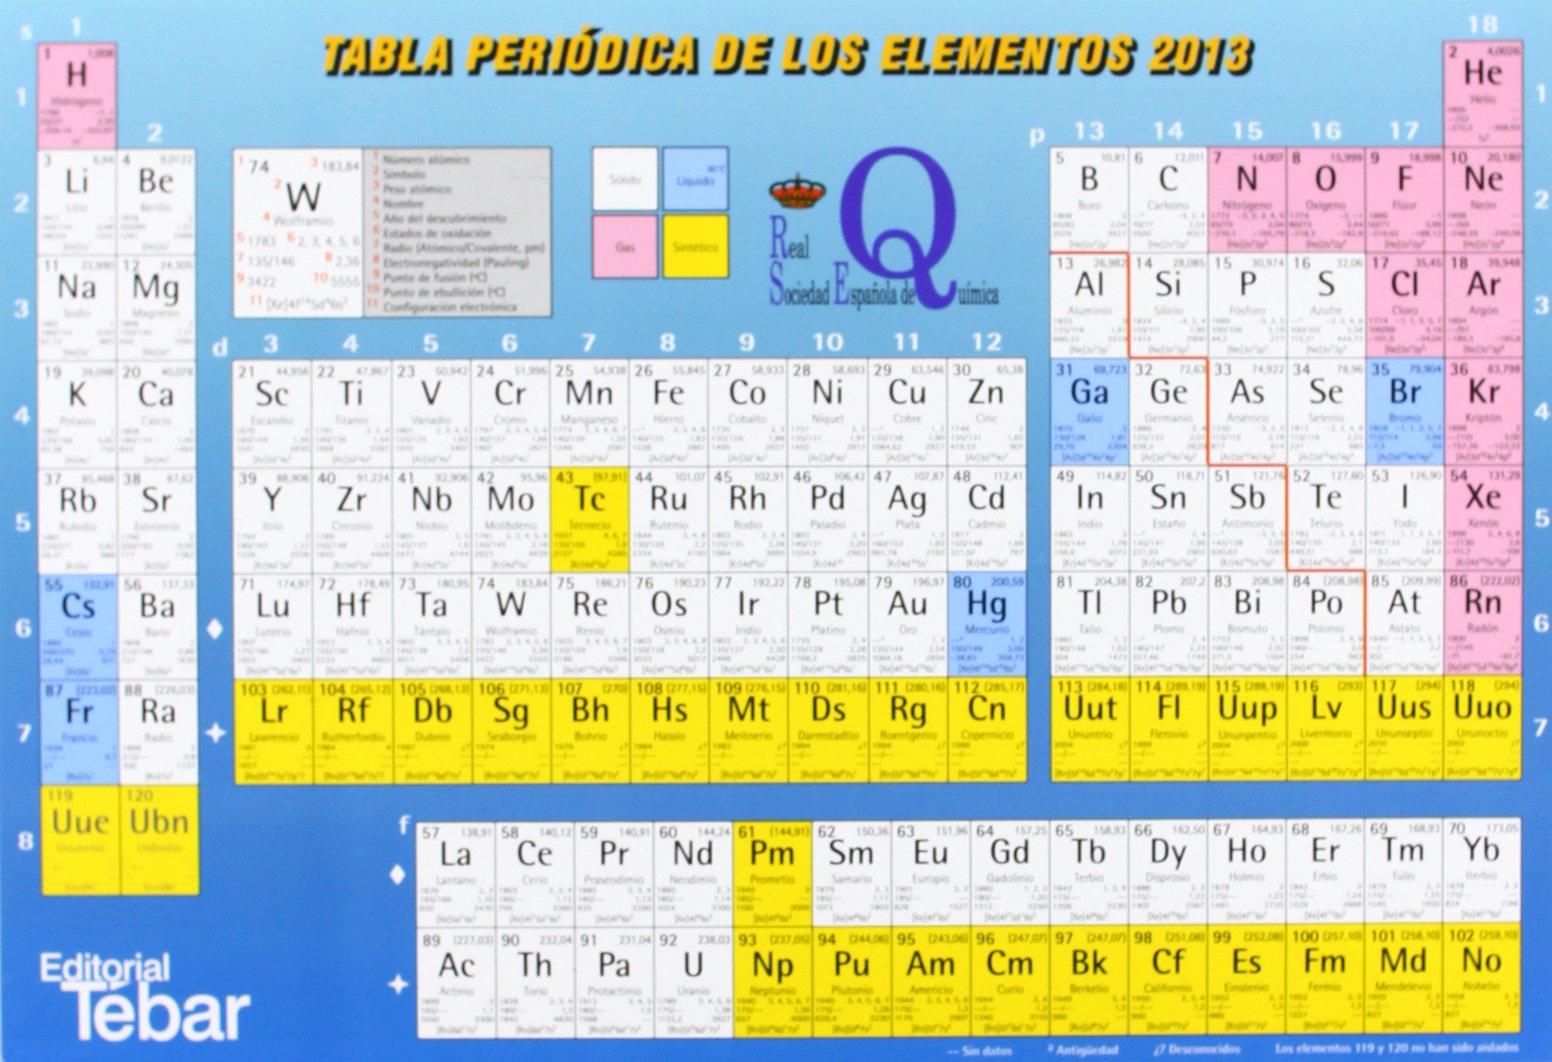 Tabla peridica de los elementos 2013 amazon pascual romn polo tabla peridica de los elementos 2013 amazon pascual romn polo libros urtaz Gallery